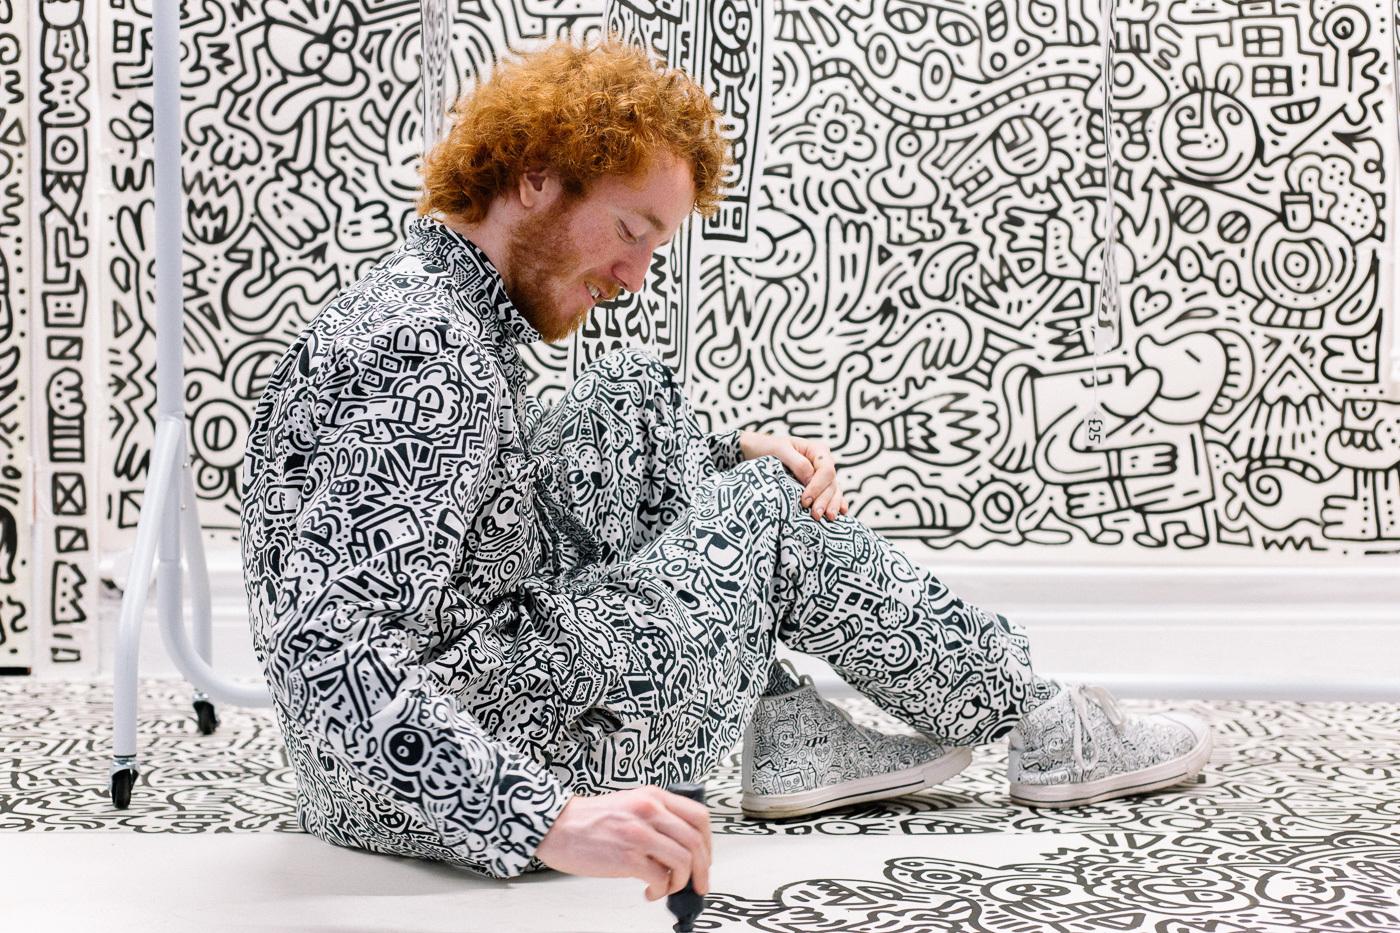 Mr Doodle